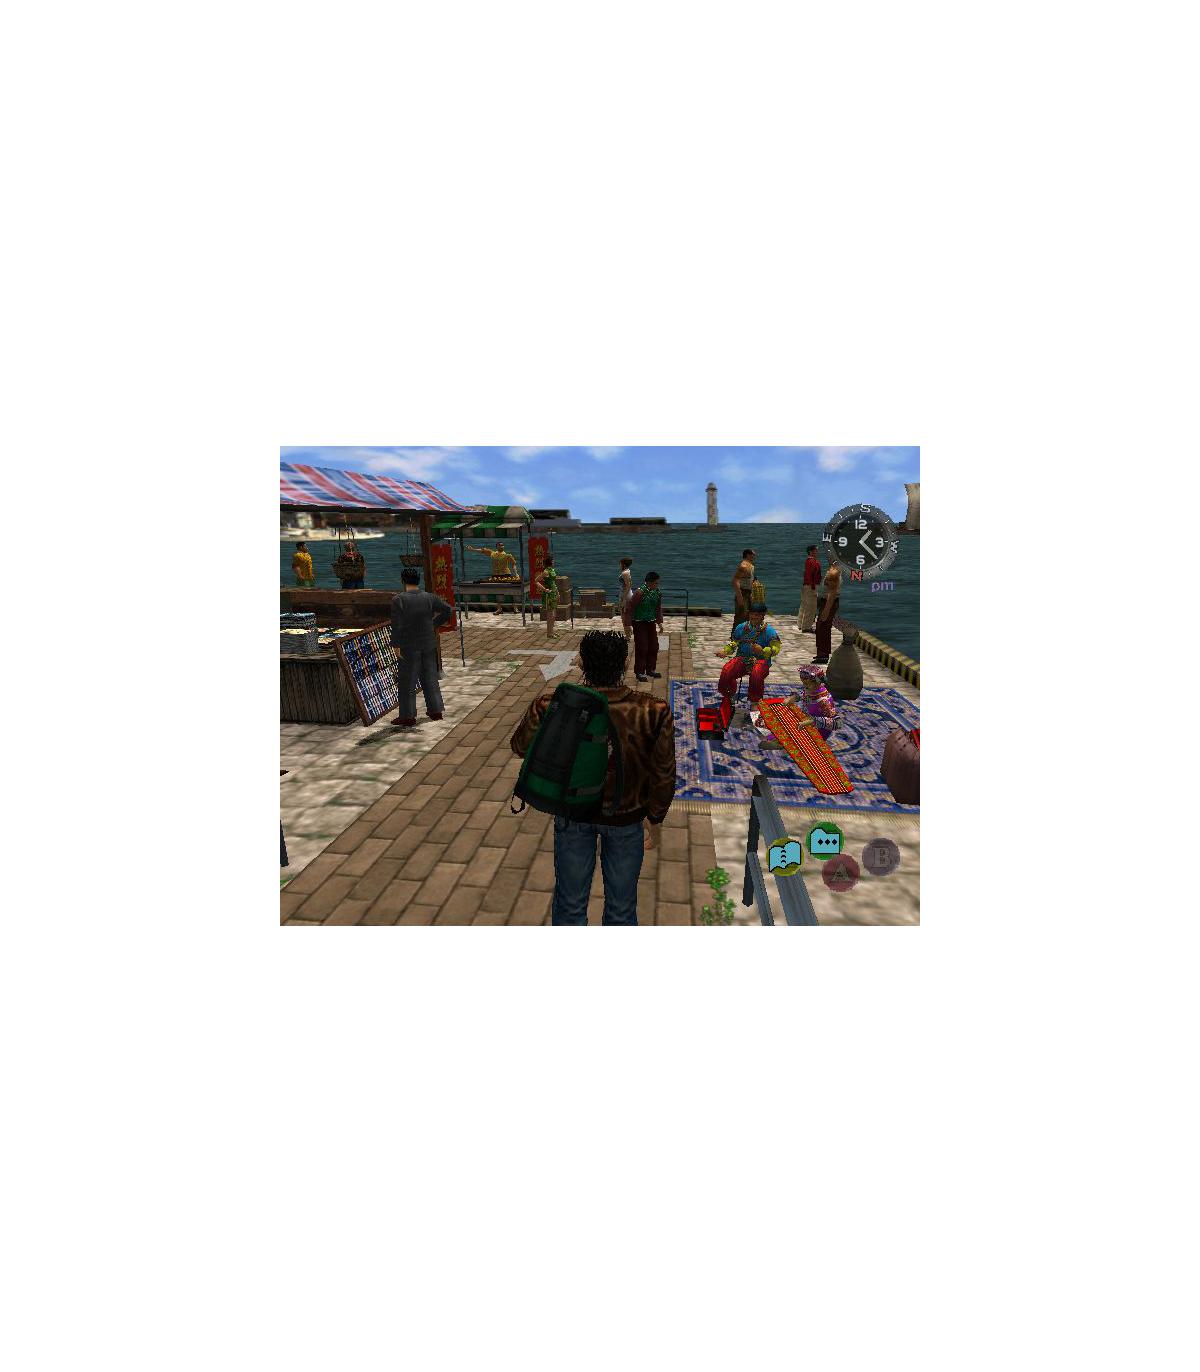 بازی Shenmue I & II - پلی استیشن 4